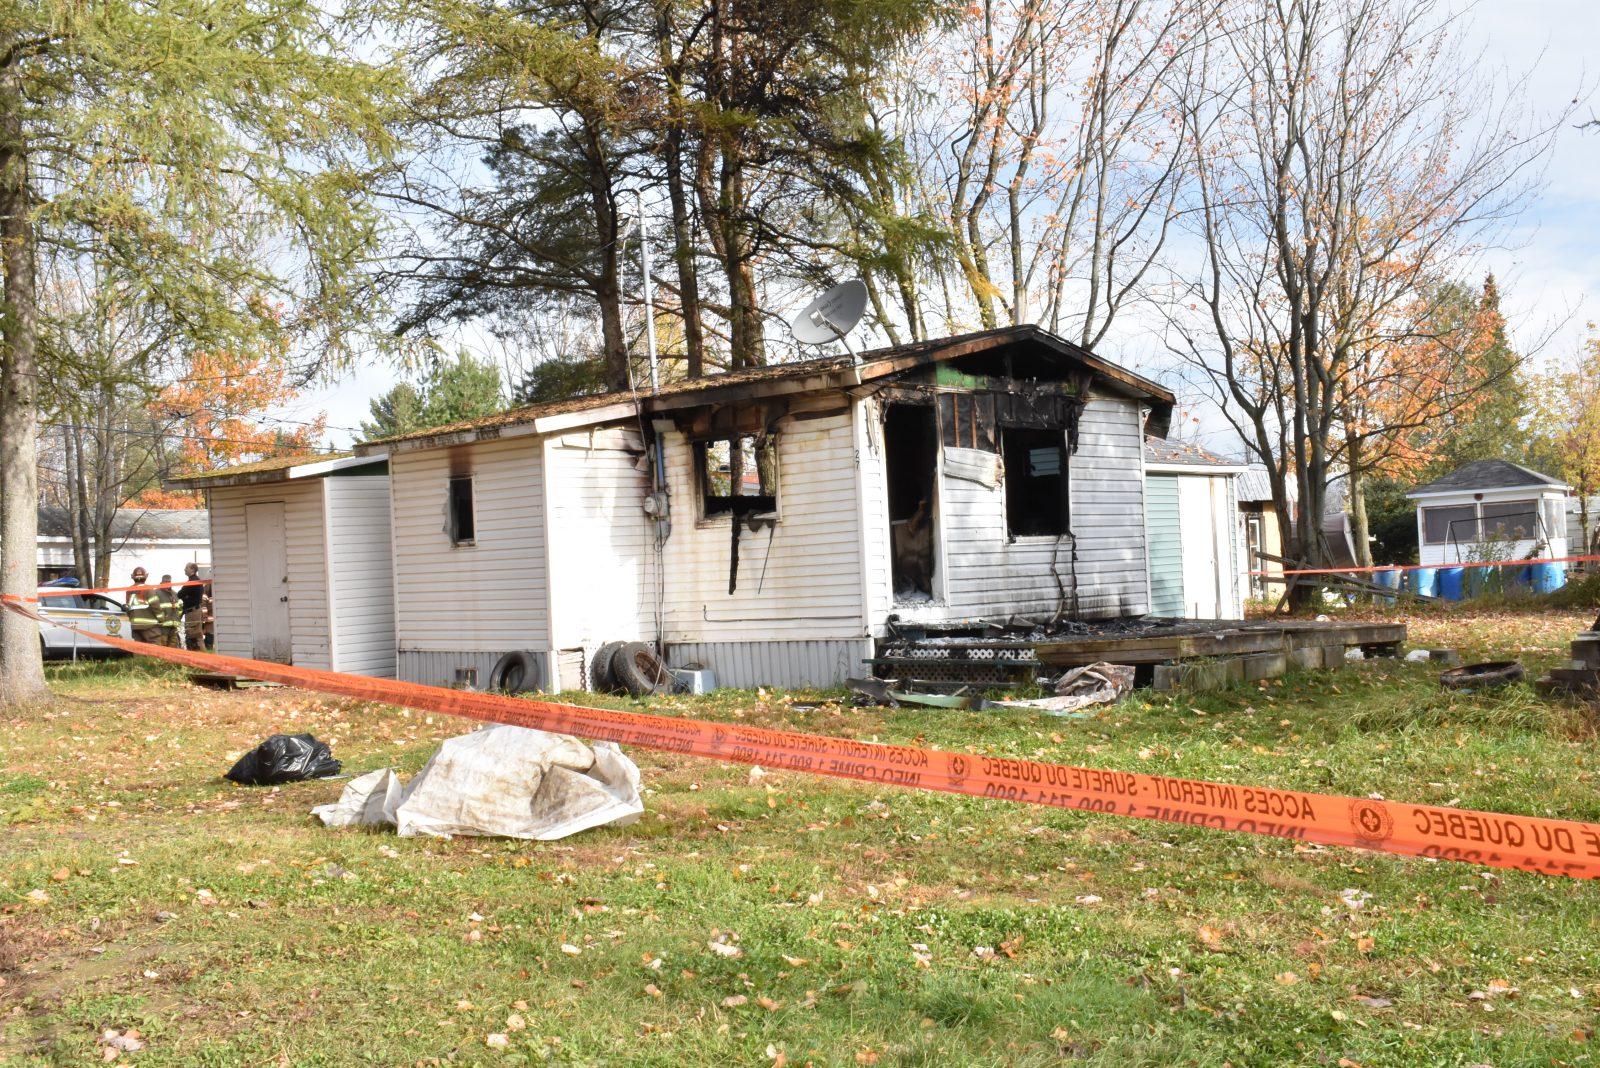 Une résidence incendiée au camping Adam et Ève